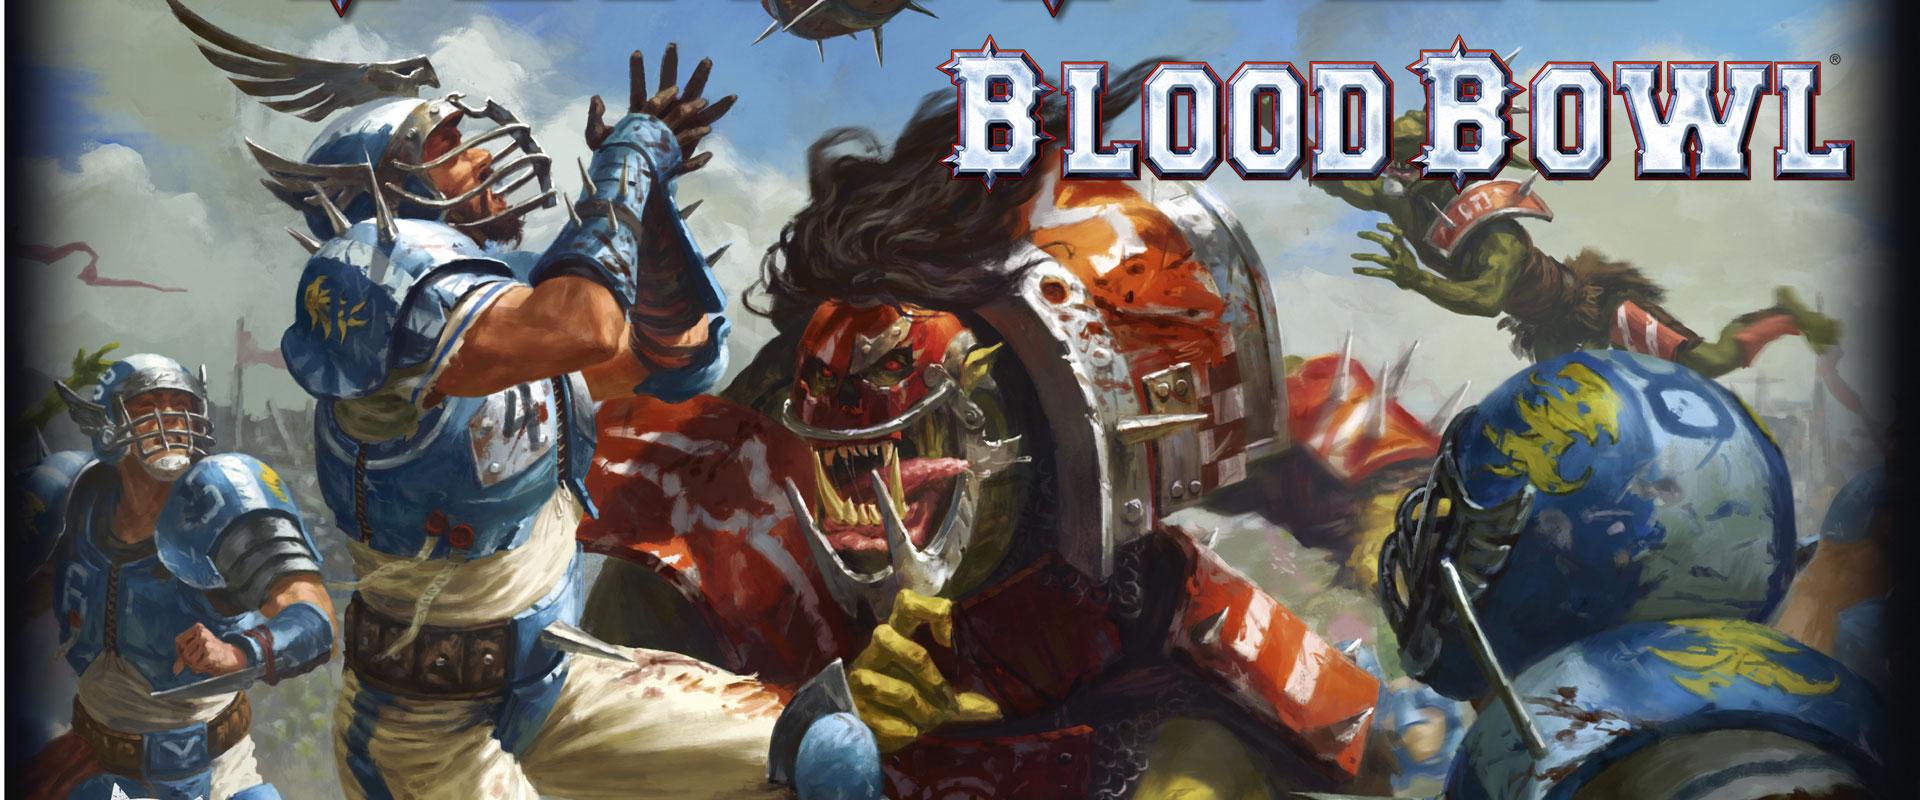 Blood Bowl Season Two